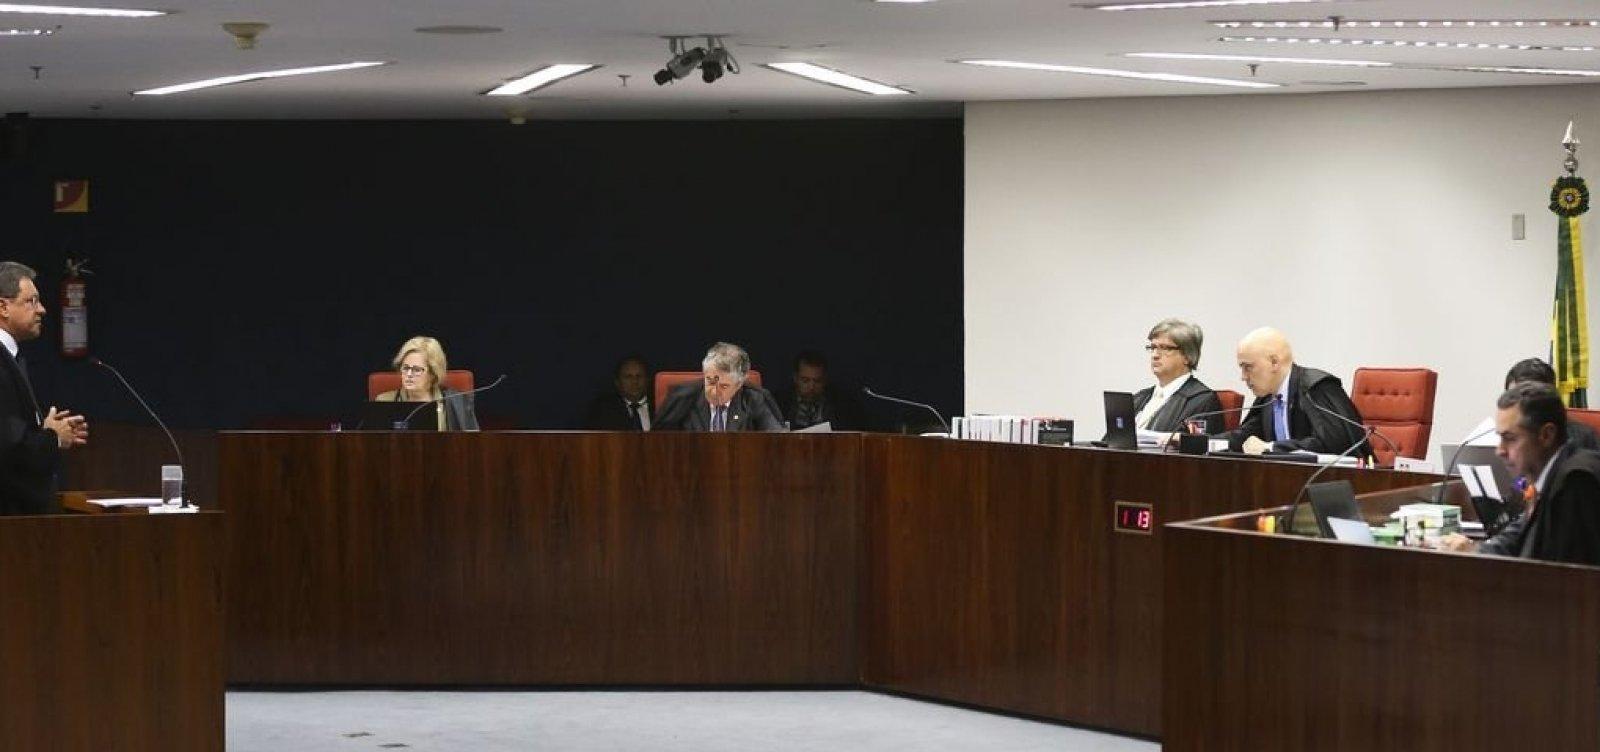 STF forma maioria e decide enquadrar homofobia como crime de racismo